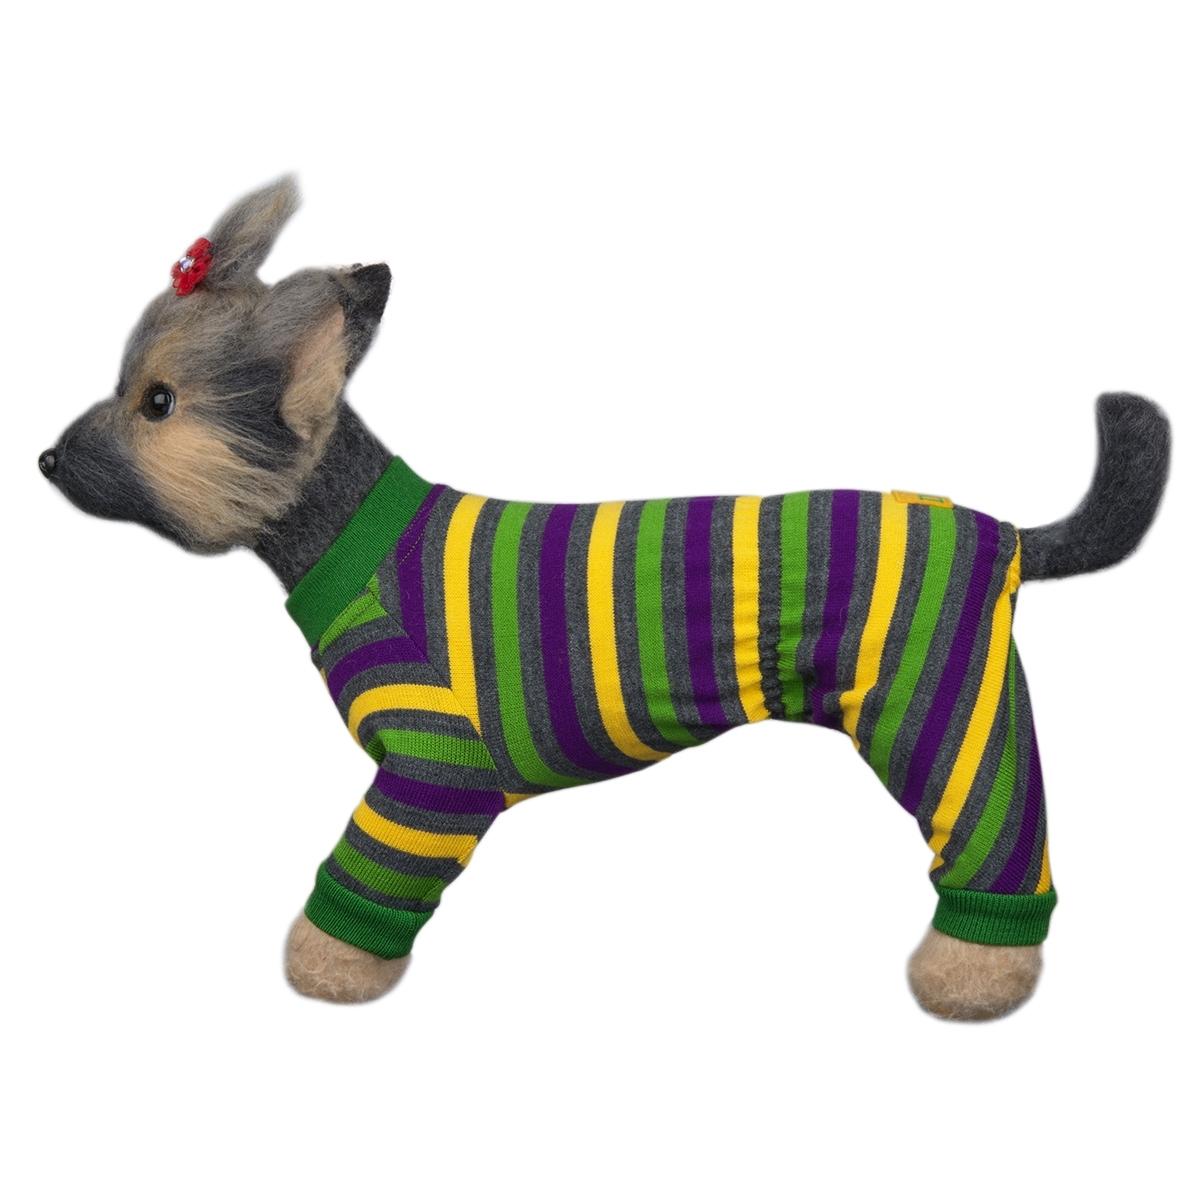 Свитер для собак Dogmoda Досуг, унисекс, цвет: зеленый, черный, желтый. Размер 3 (L)DM-160105-3Модный свитер Dogmoda Досуг, изготовленный из 100% акрила, не будет сковывать движения вашего любимца и обеспечит наибольший комфорт. Модель с длинными рукавами великолепно сидит. Изделие легко надевать и снимать. Ворот и низ рукавов оснащены широкими трикотажными манжетами, которые мягко обхватывают шею и лапки, не позволяя просачиваться холодному воздуху. Модель имеет удлиненную спинку. Этот теплый и комфортный свитер станет отличным дополнением к гардеробу вашего питомца. В нем ему всегда будет тепло в прохладное время года.Одежда для собак: нужна ли она и как её выбрать. Статья OZON Гид